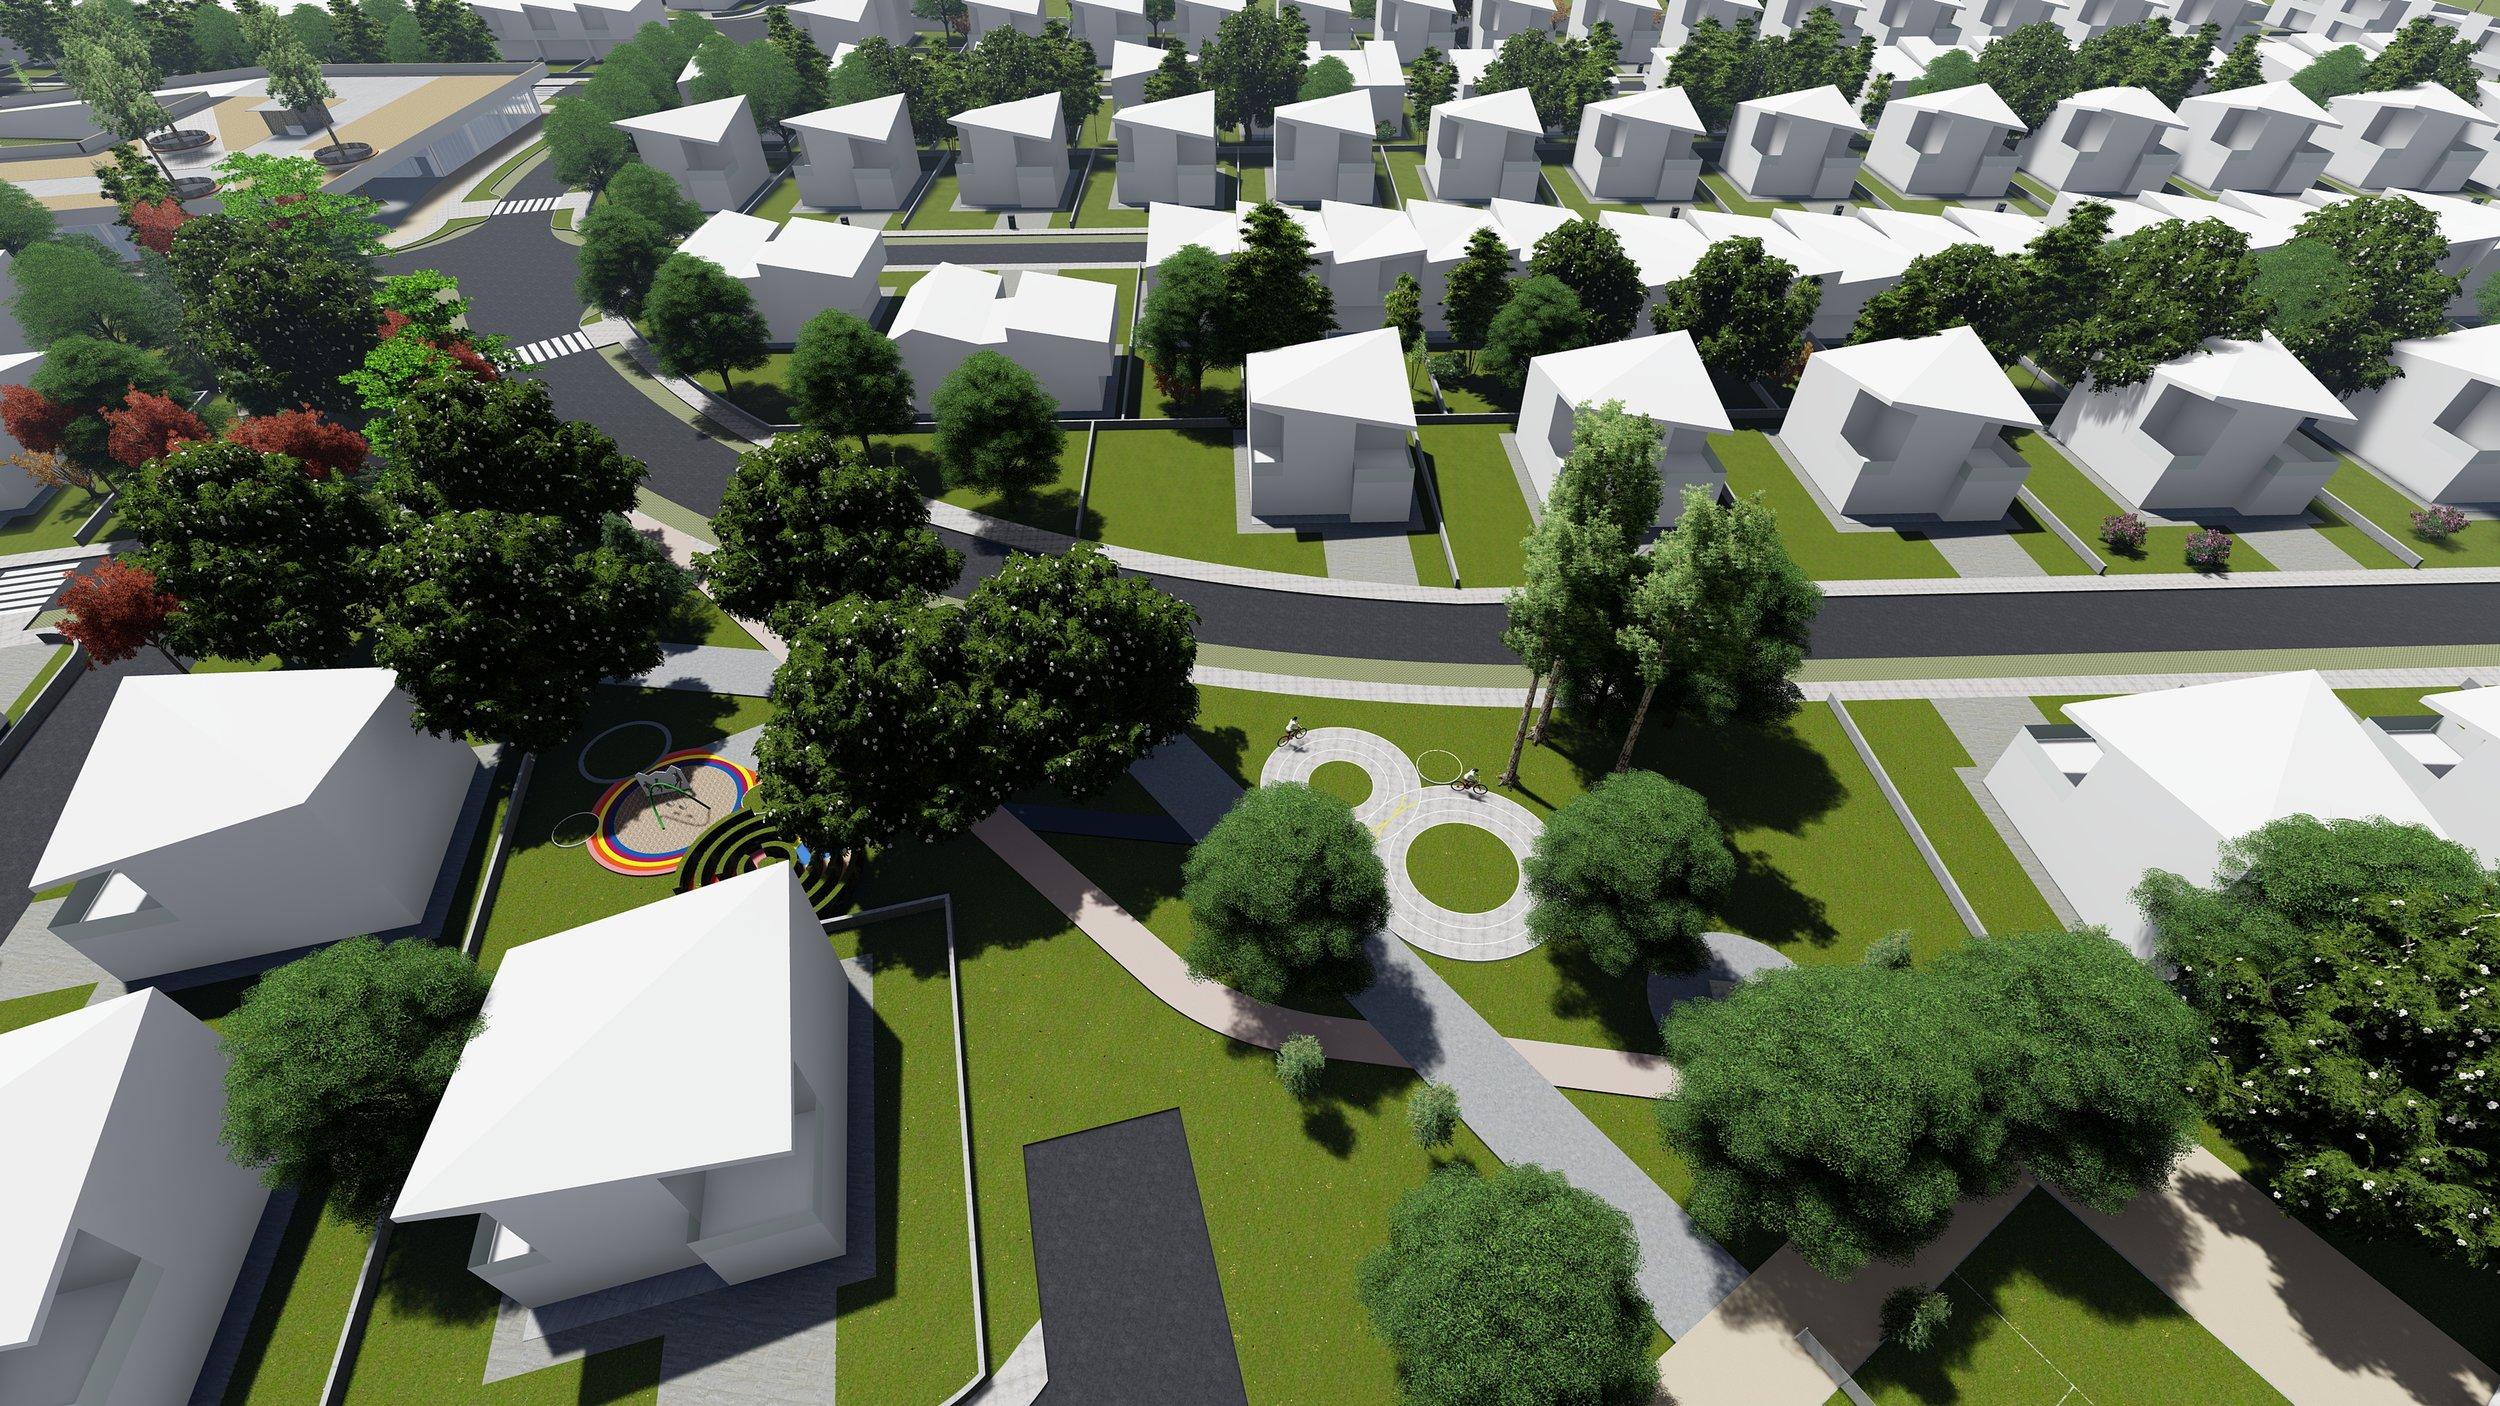 Zgjidhja skematike e shtëpive dhe parku ndërmjet 2 zonave të banimit